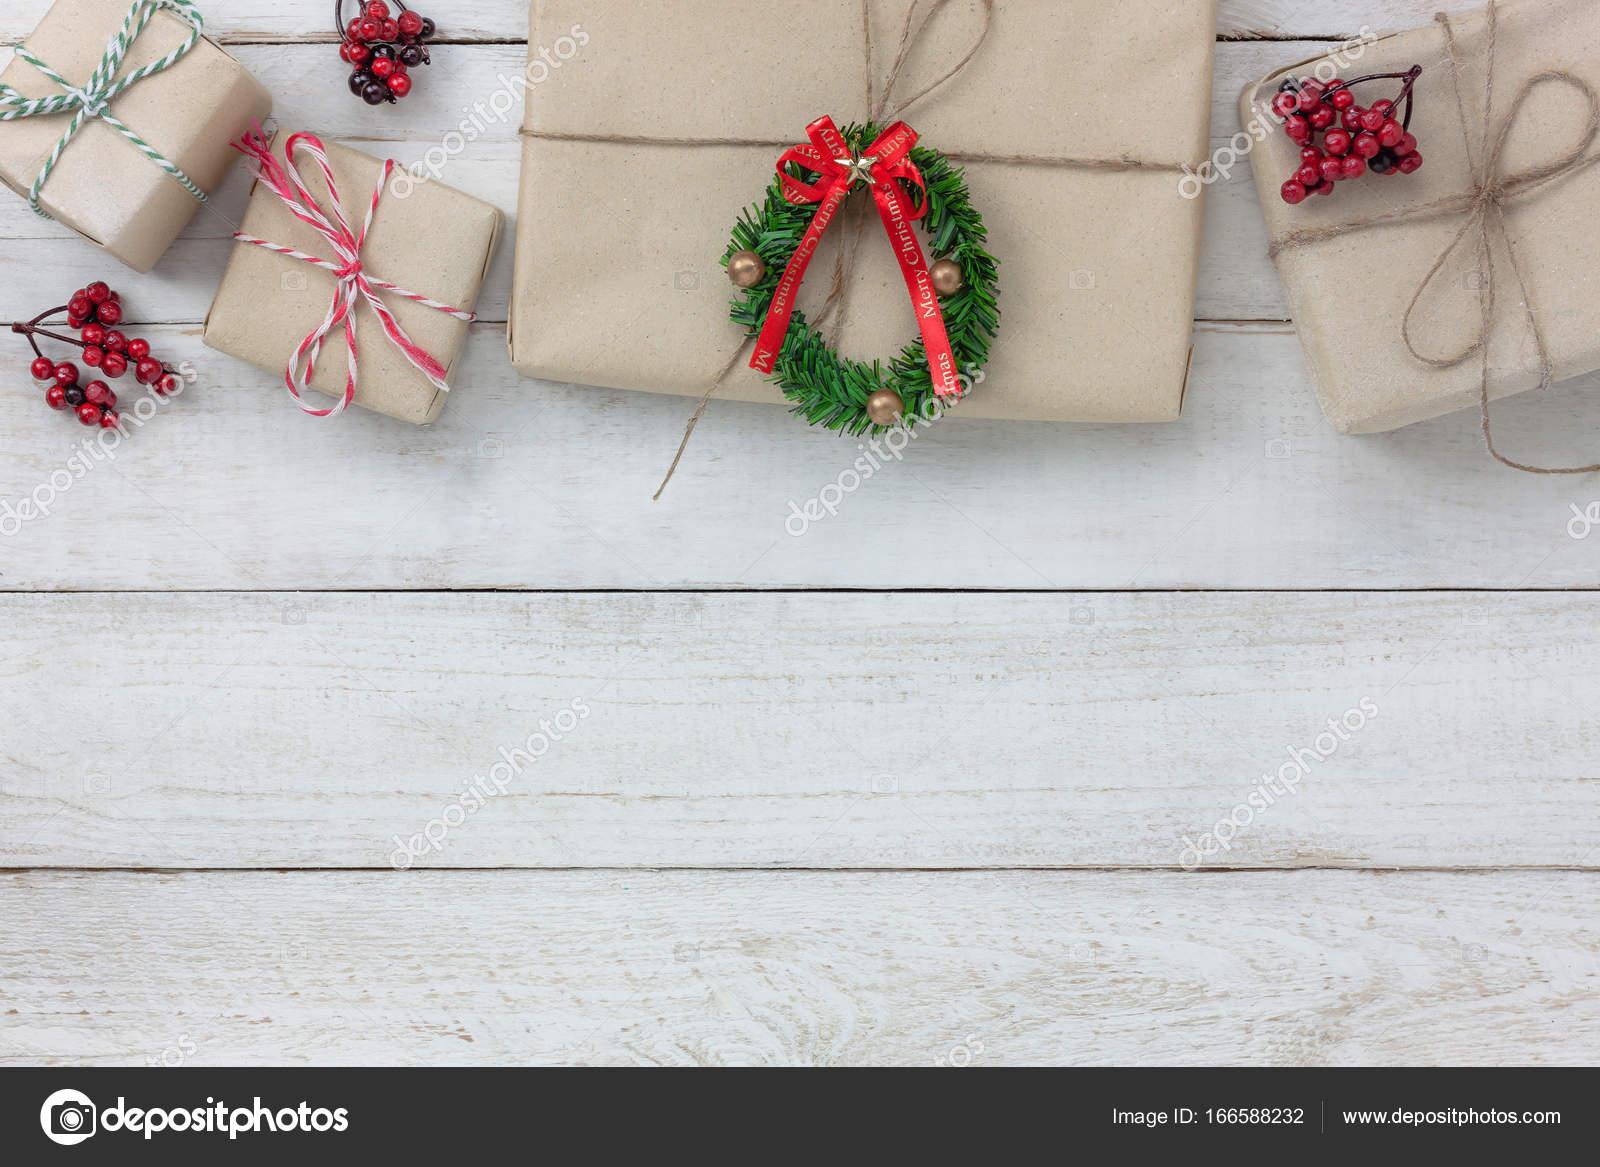 Vue aérienne des ornements et décoration merry christmas et happy